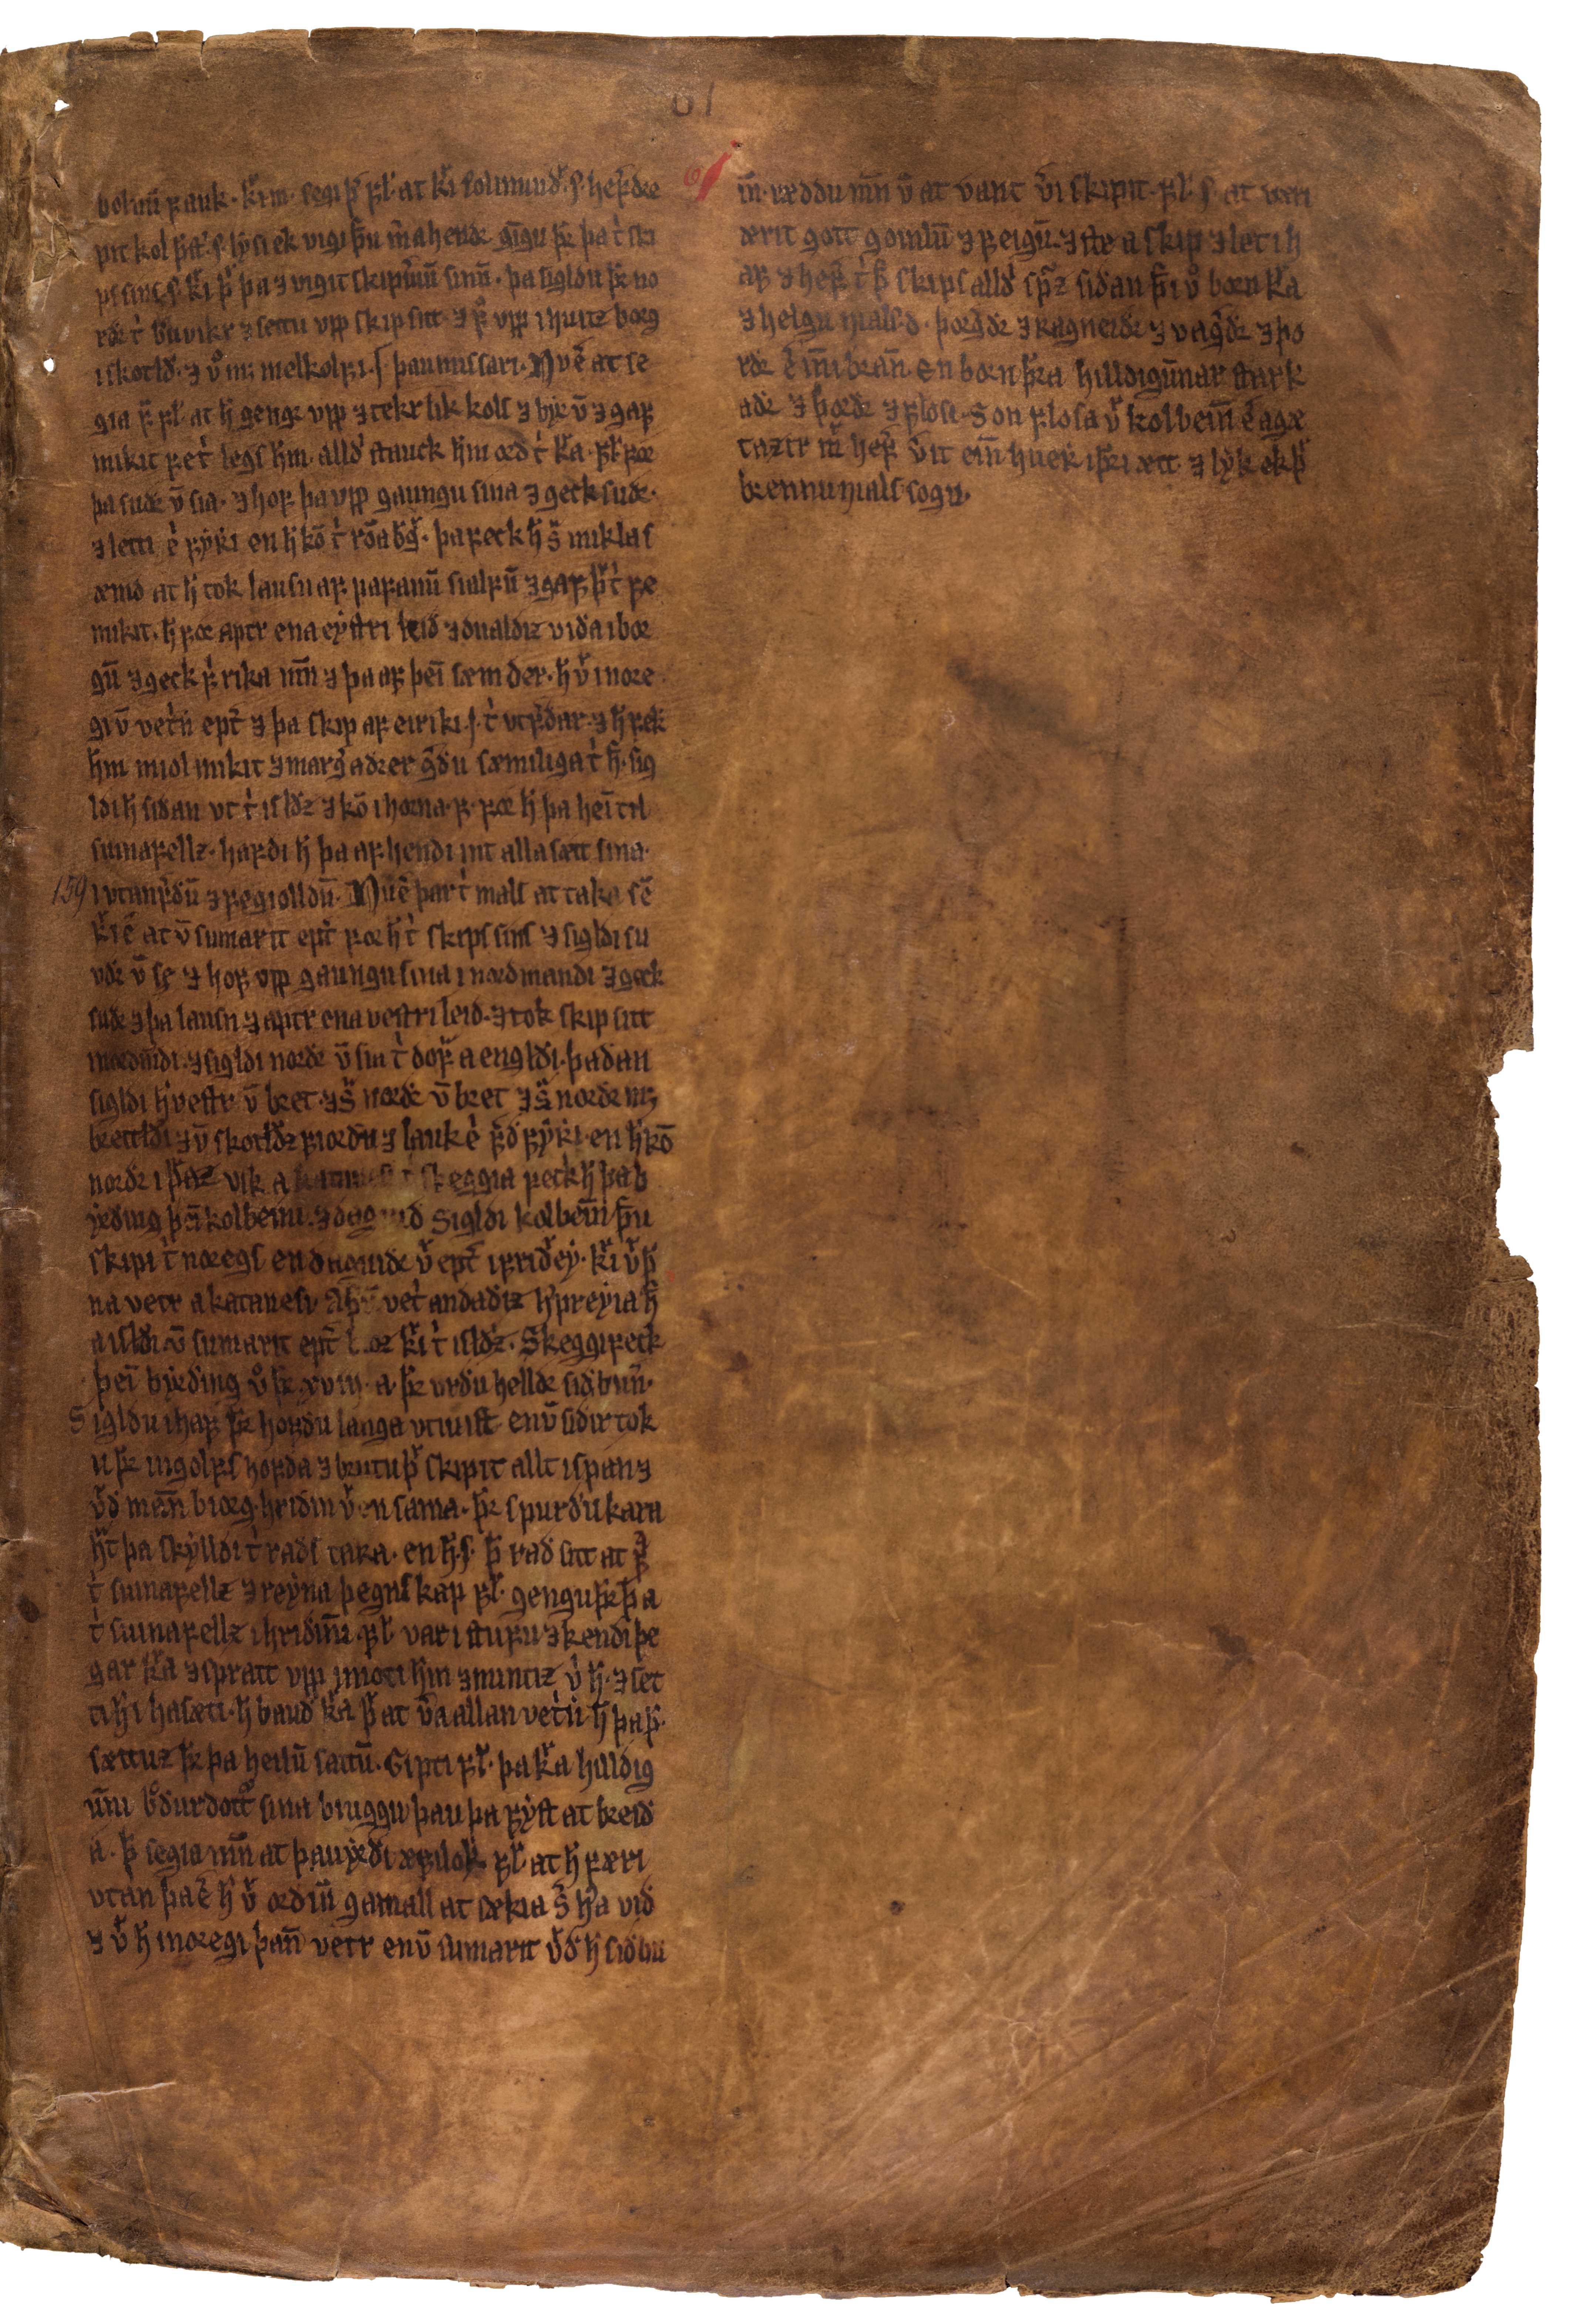 AM 132 fol - 61r